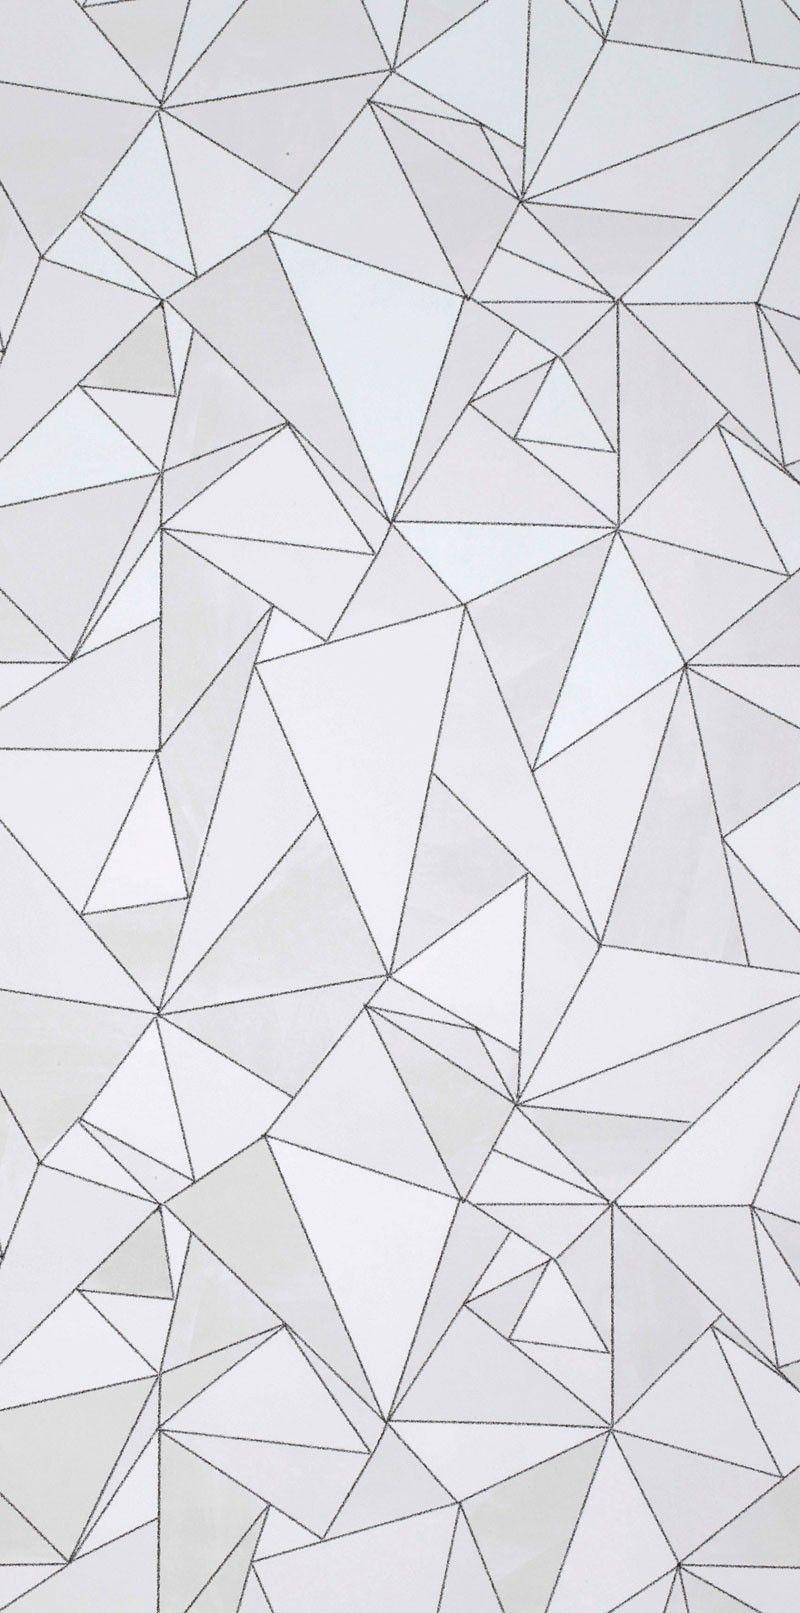 Grafiskt mönster med olikformade trianglar i vattenfärger som blev utnämnd till årets tapet i Sverige 2013 av tidningen Elle Decoration.Trots att tapeten kan